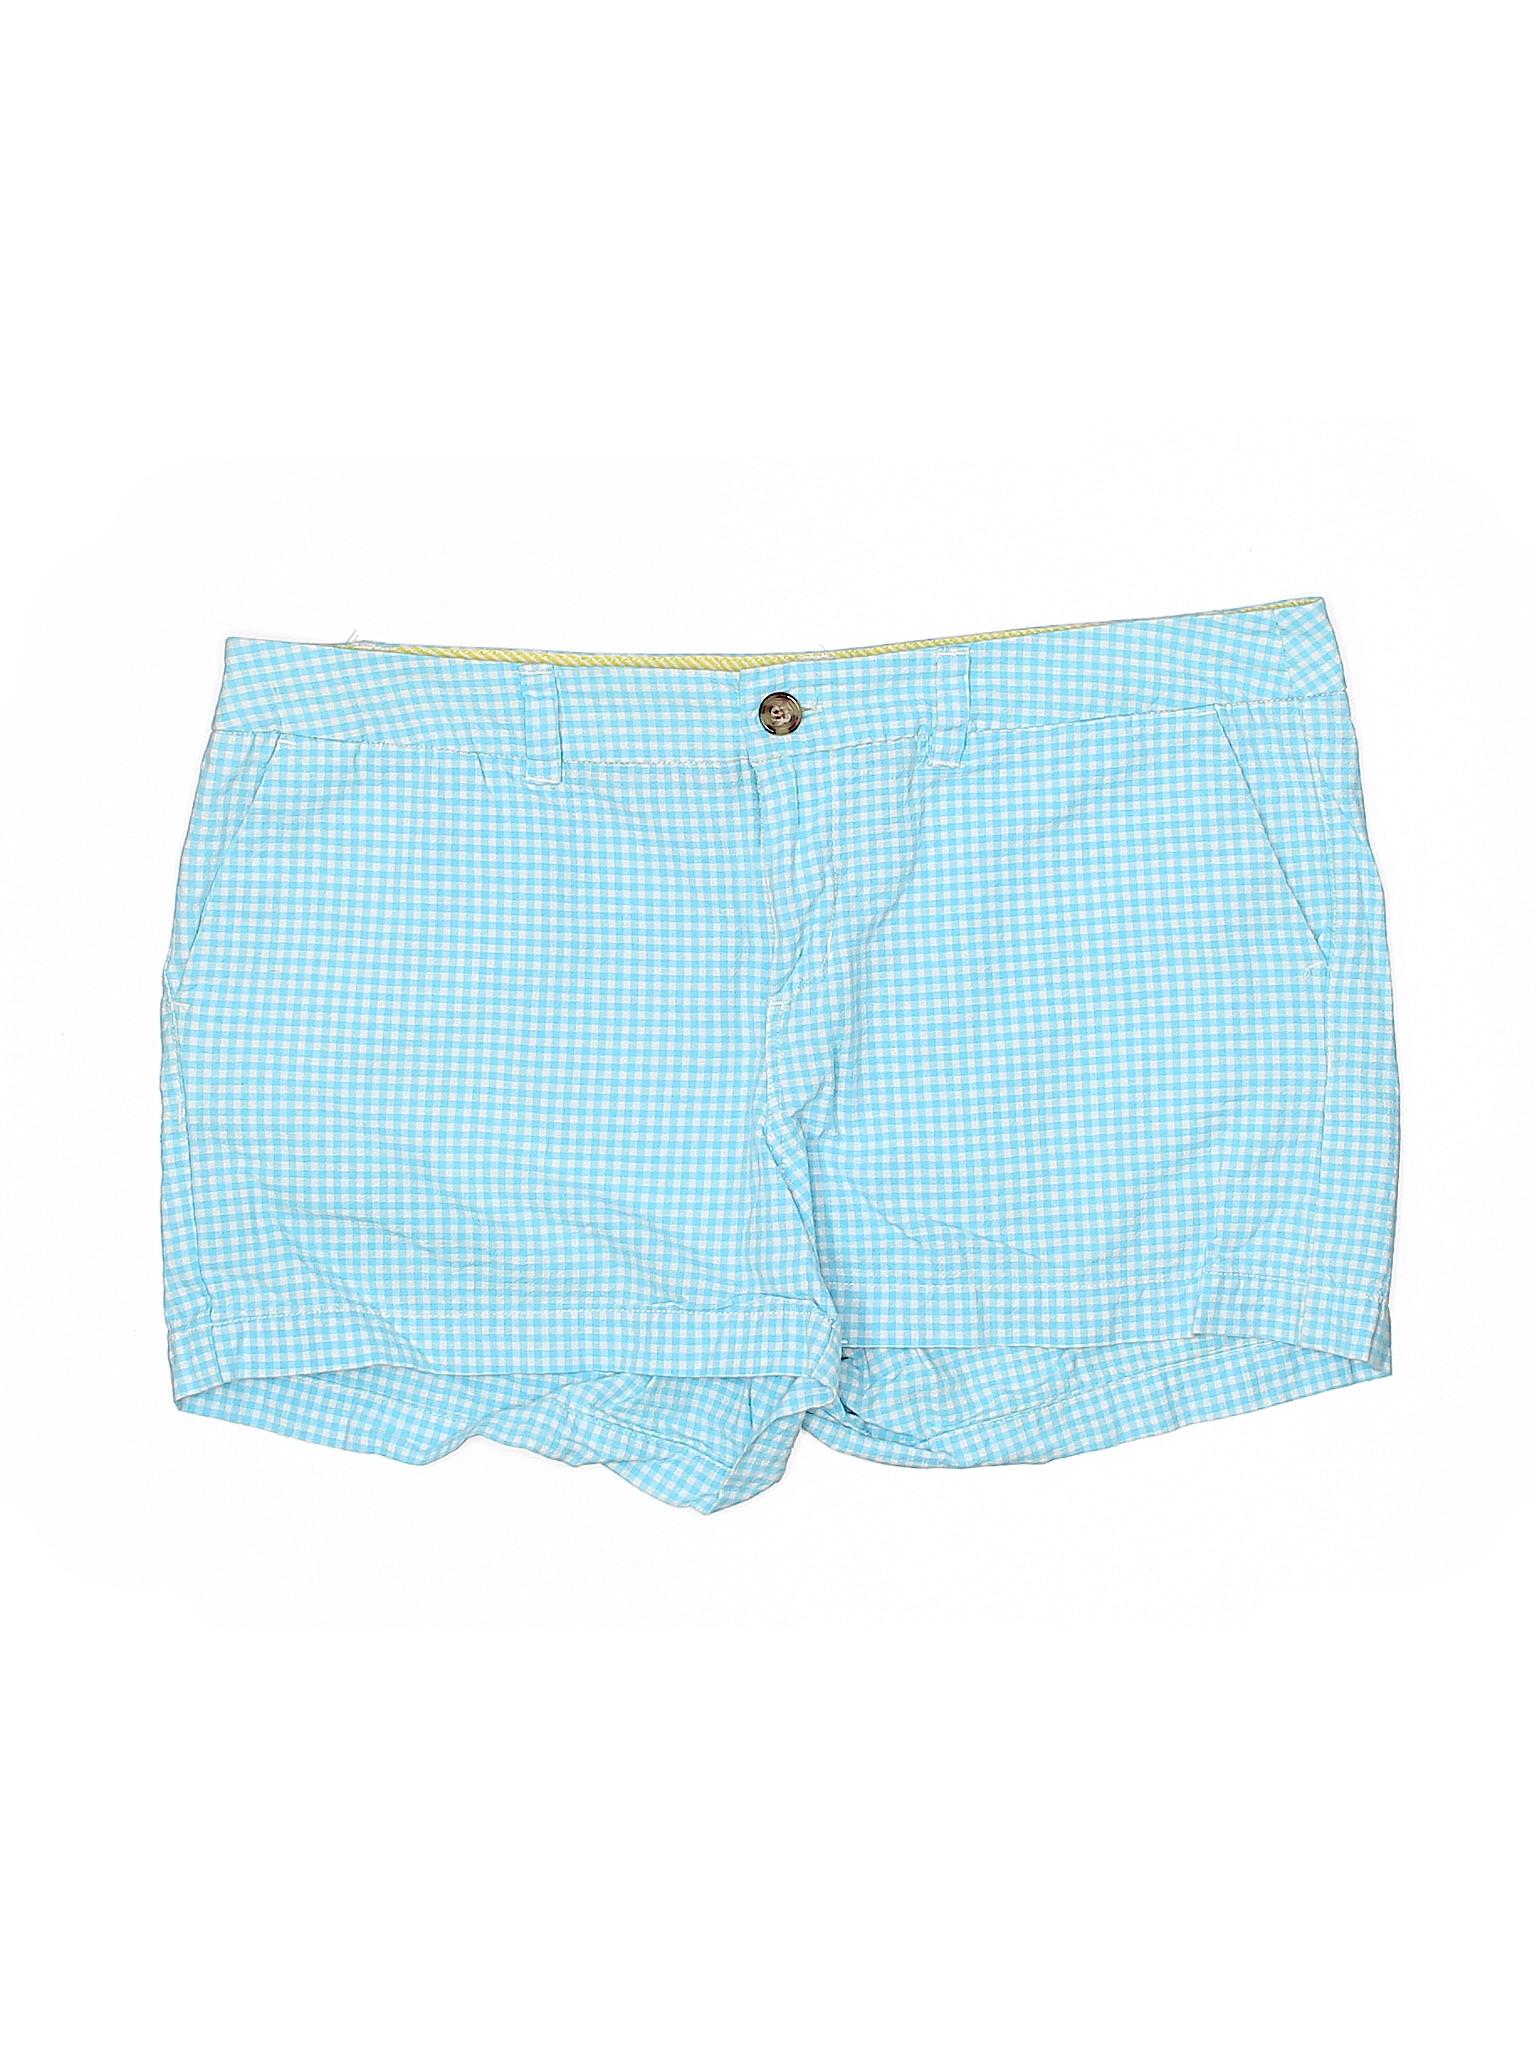 Shorts Khaki Boutique Merona Boutique Boutique Merona Shorts Khaki Boutique Merona Khaki Merona Shorts Khaki qpH4t